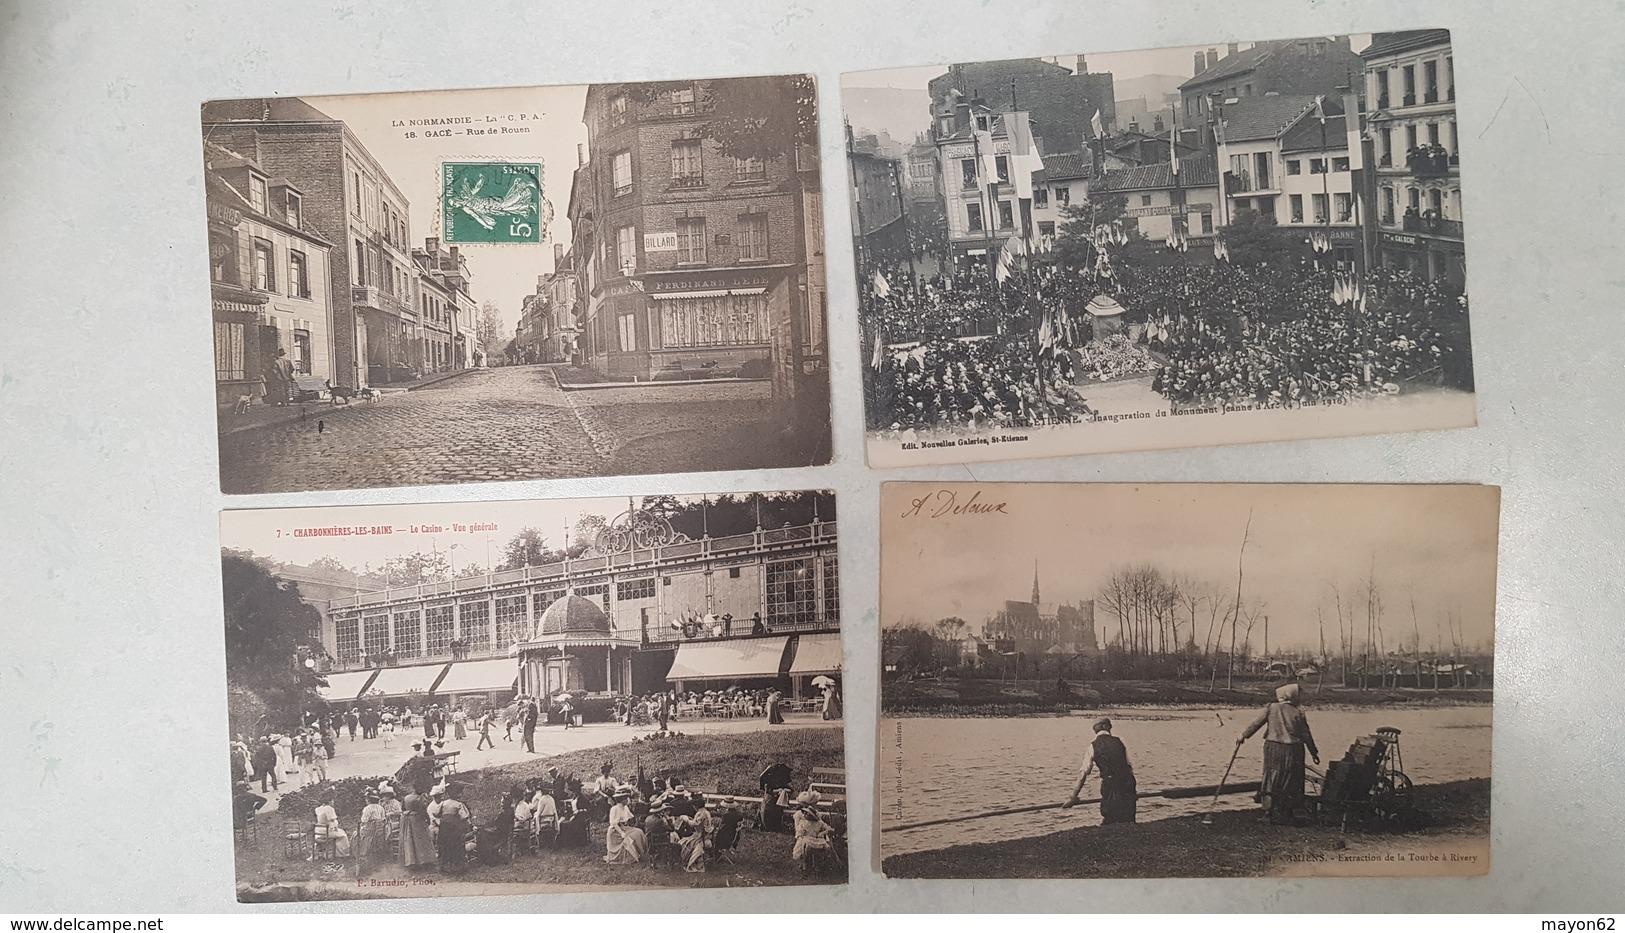 EXCEPTIONNEL LOT 230 CARTES POSTALES ANCIENNES - TOUTES SCANNEES - DEPART 1 EURO - TOP REVENDEUR - Cartes Postales